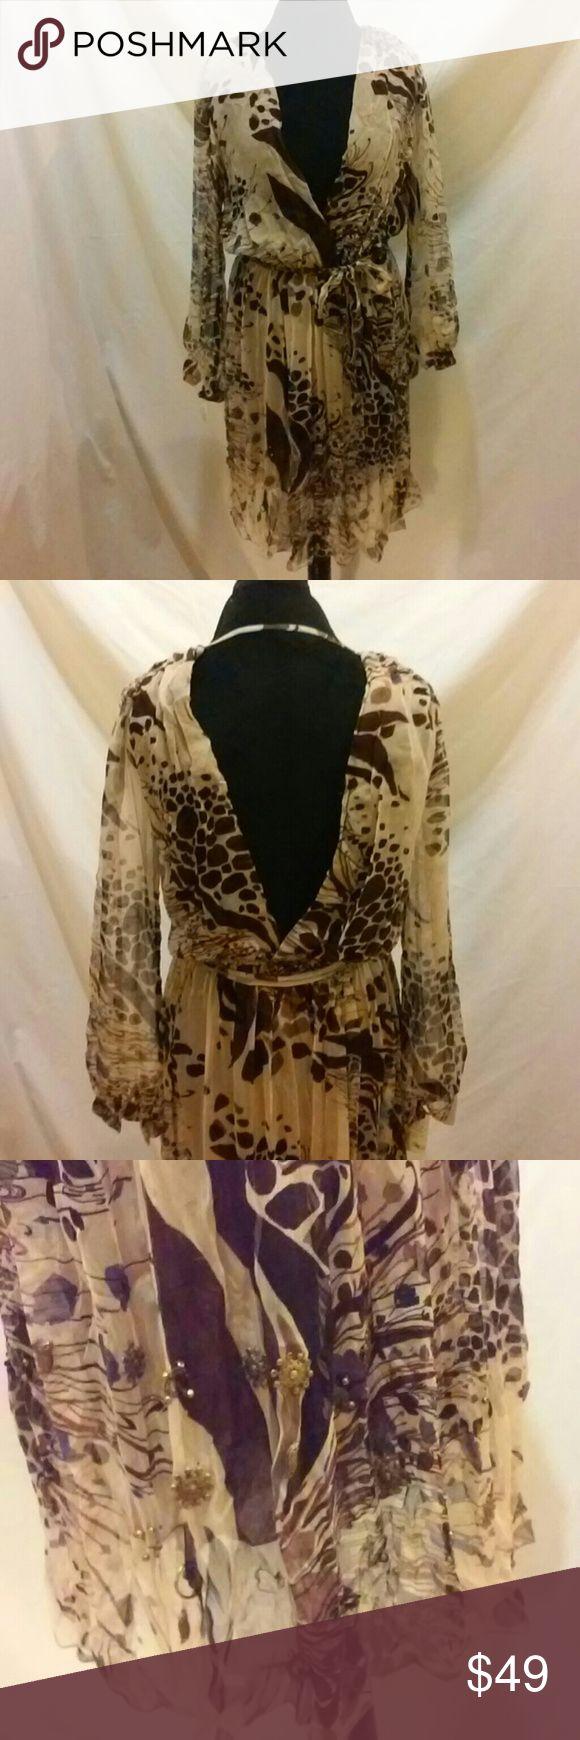 17 Terbaik Ide Tentang Batik Dress Di Pinterest Adibusana